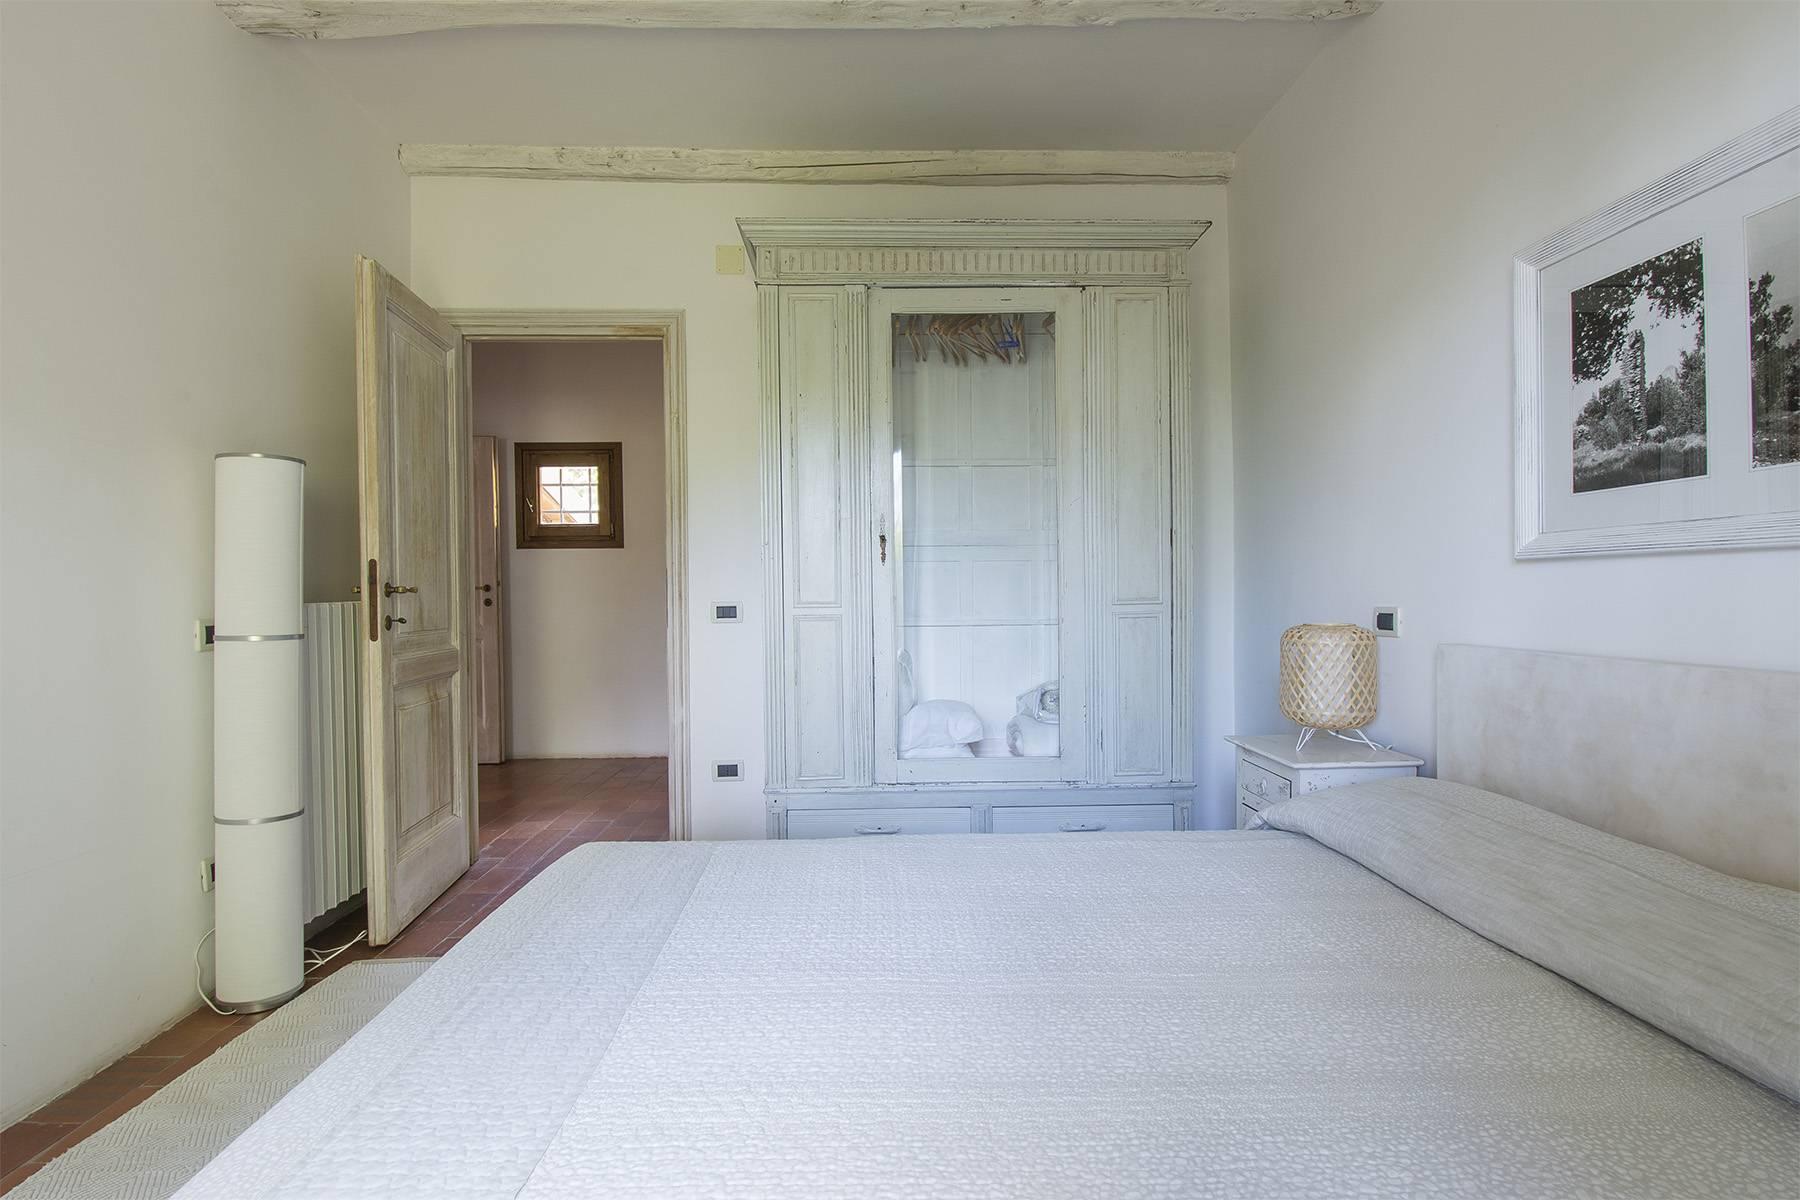 Villa in Vendita a Montecatini-Terme: 5 locali, 250 mq - Foto 26